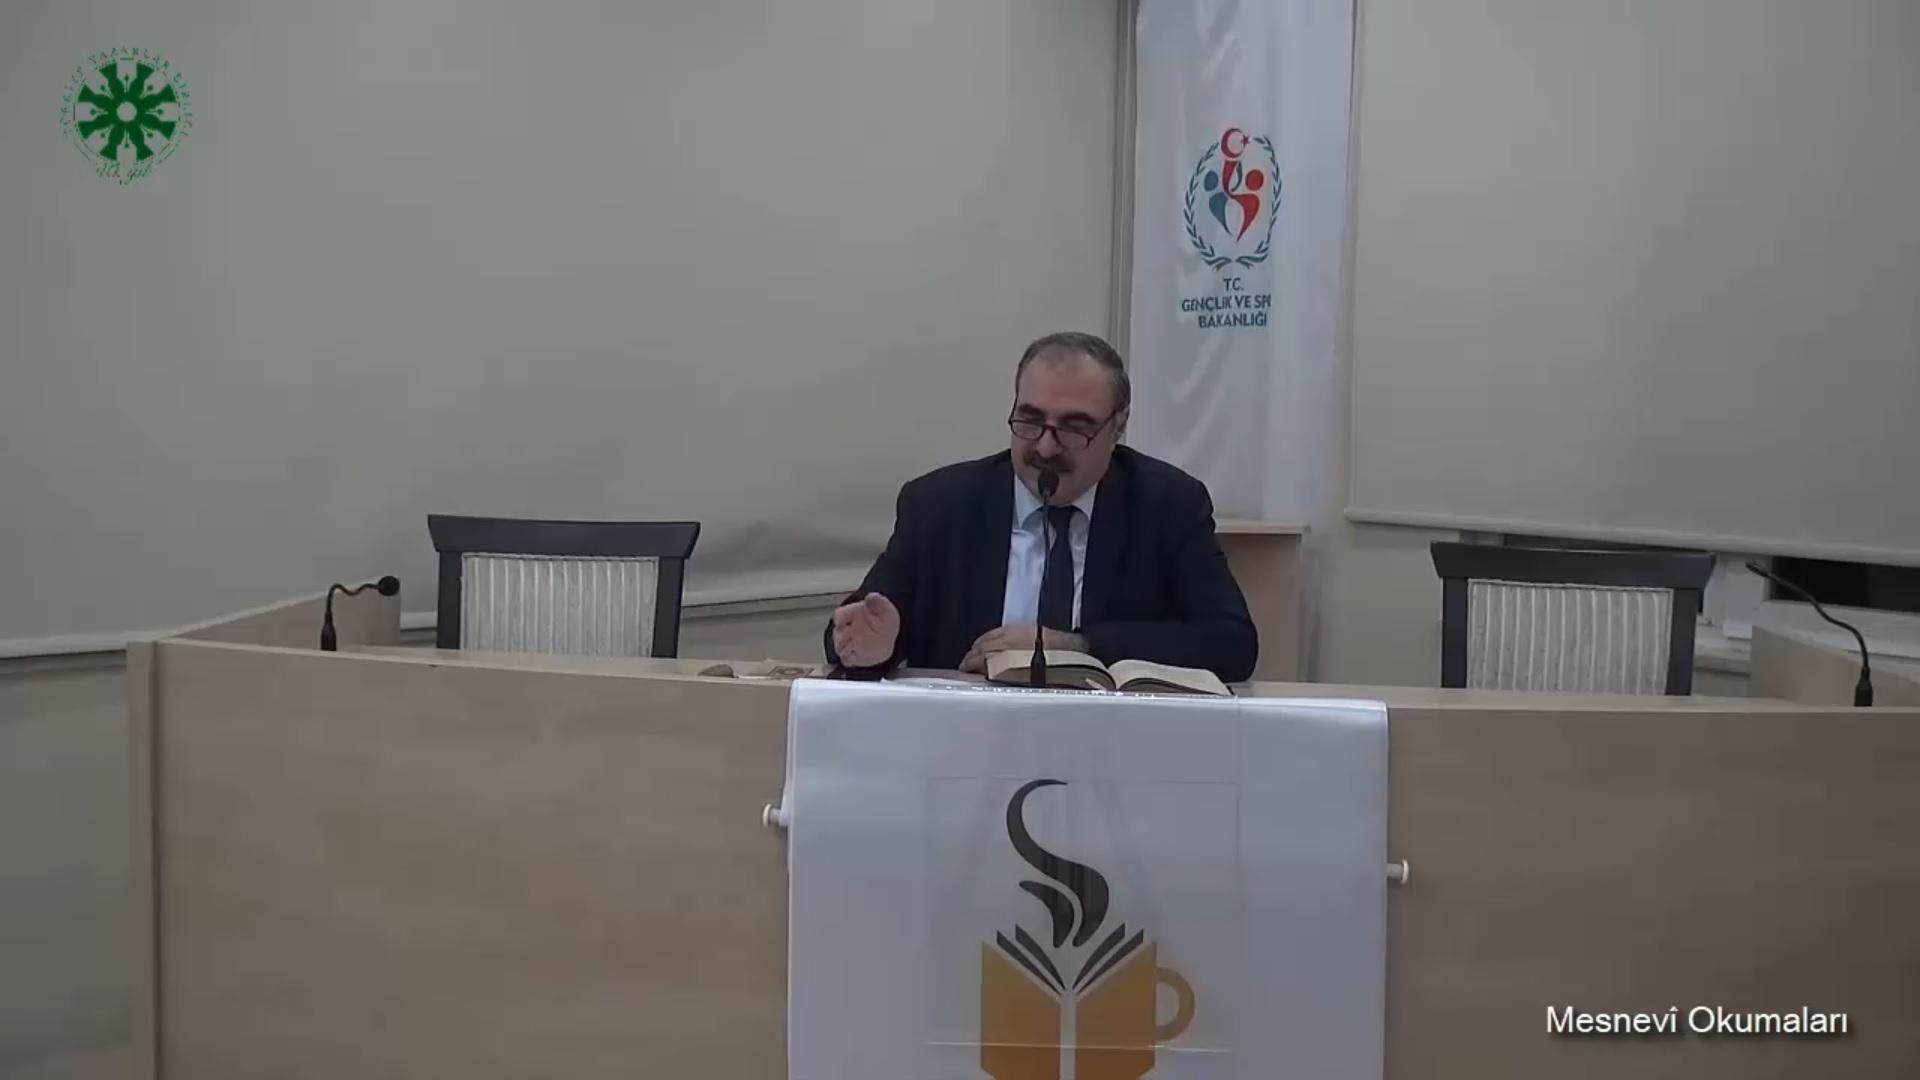 Mesnevî Okumaları - 13 - Dr. Yakup Şafak (video)